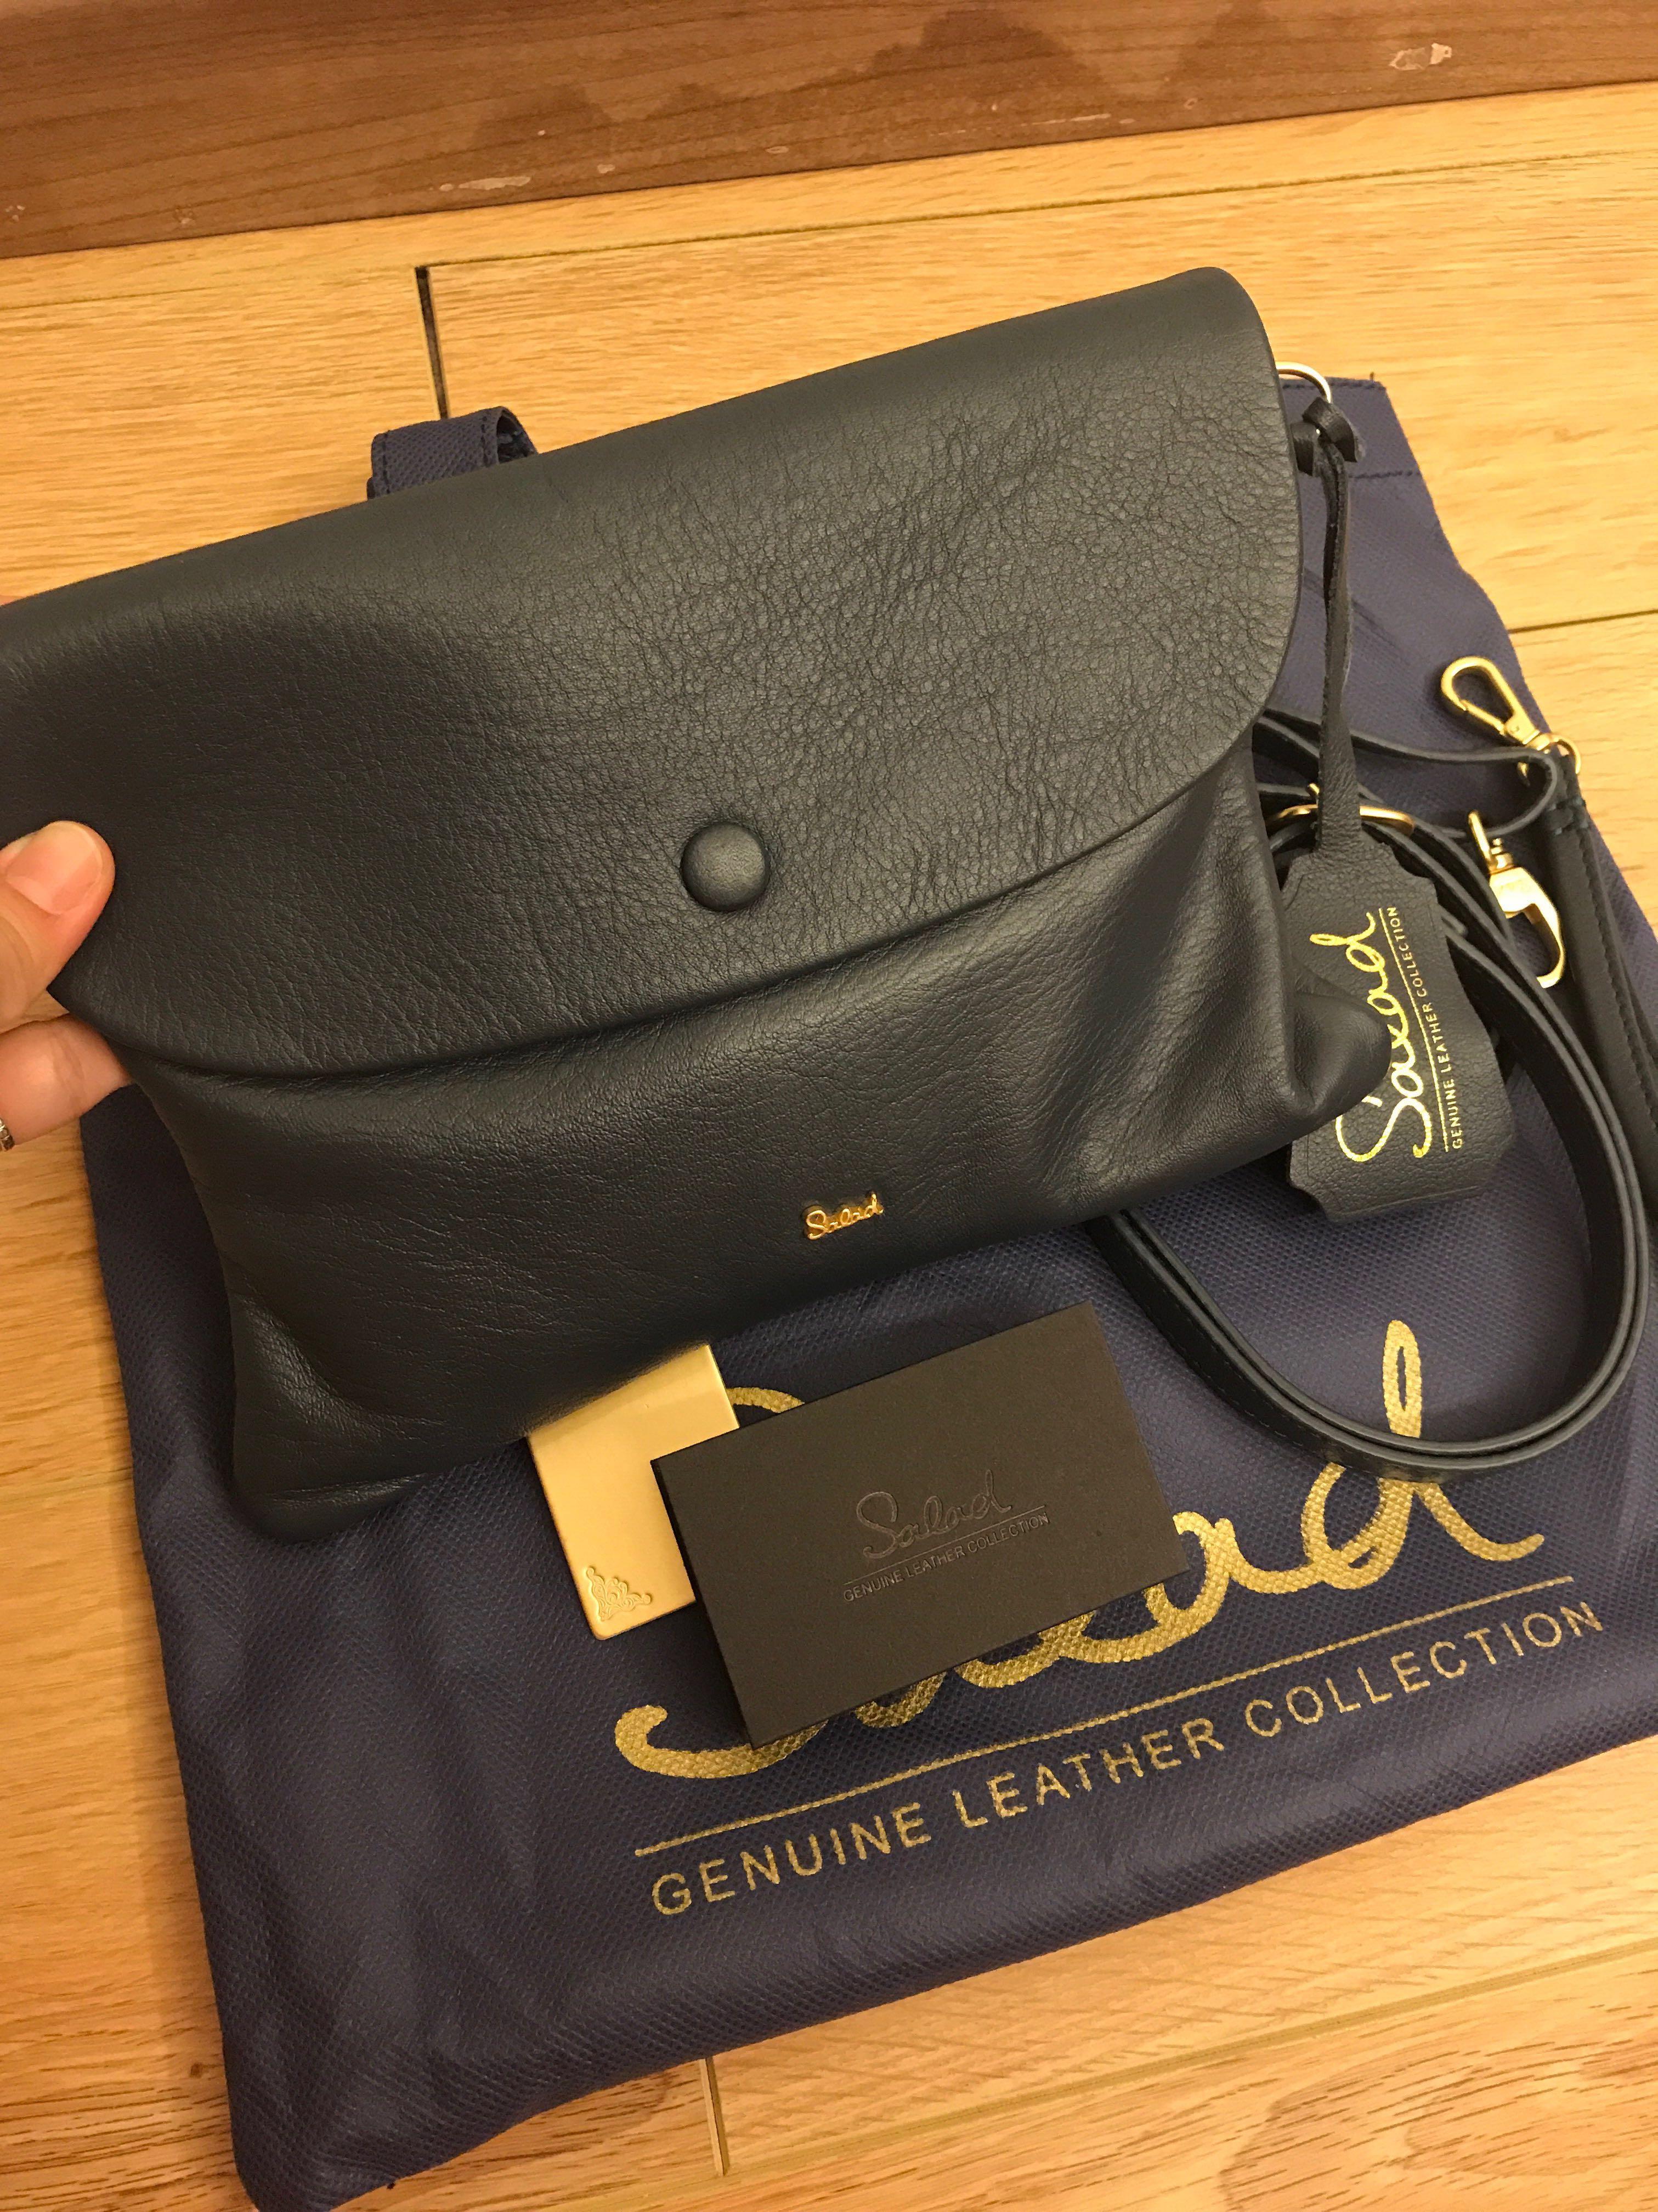 09af067c362d 100% authentic salad genuine leather bag for let go!!